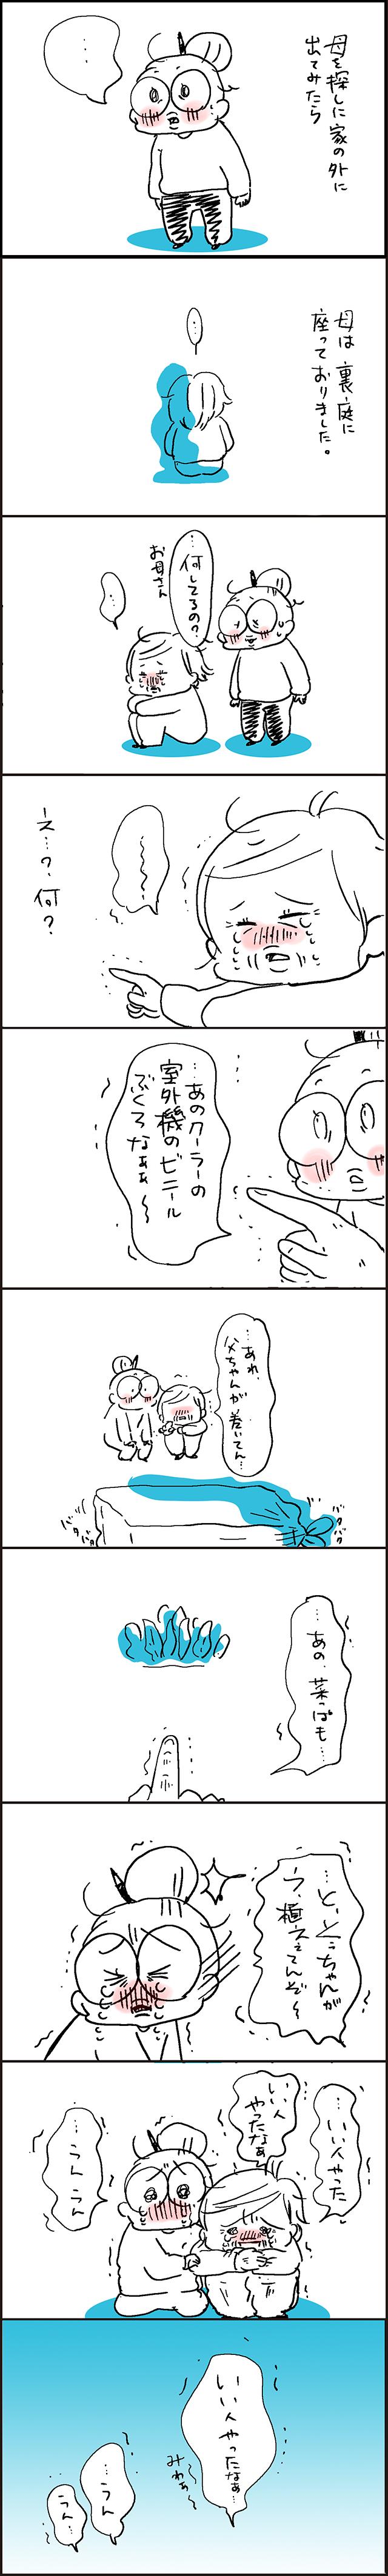 父の夢2a.jpg